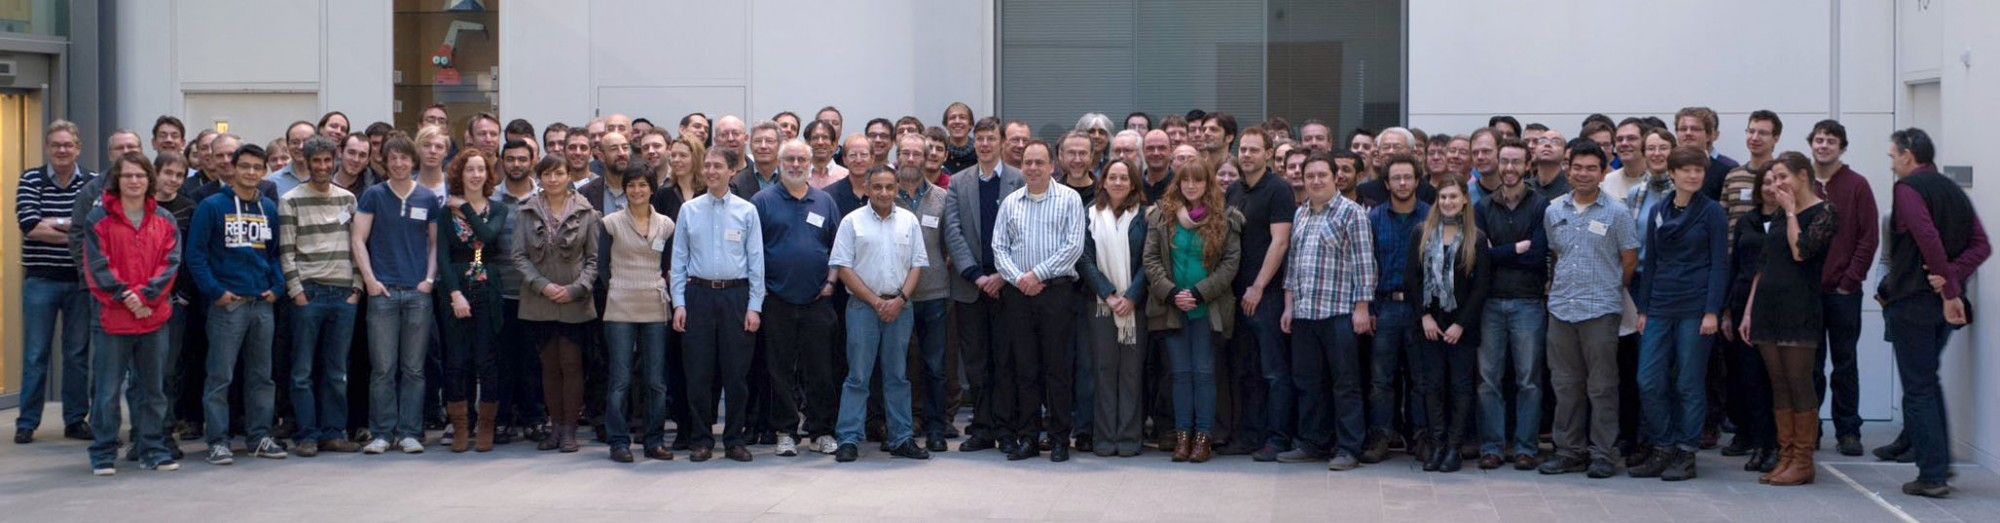 Higgs Symposium participants